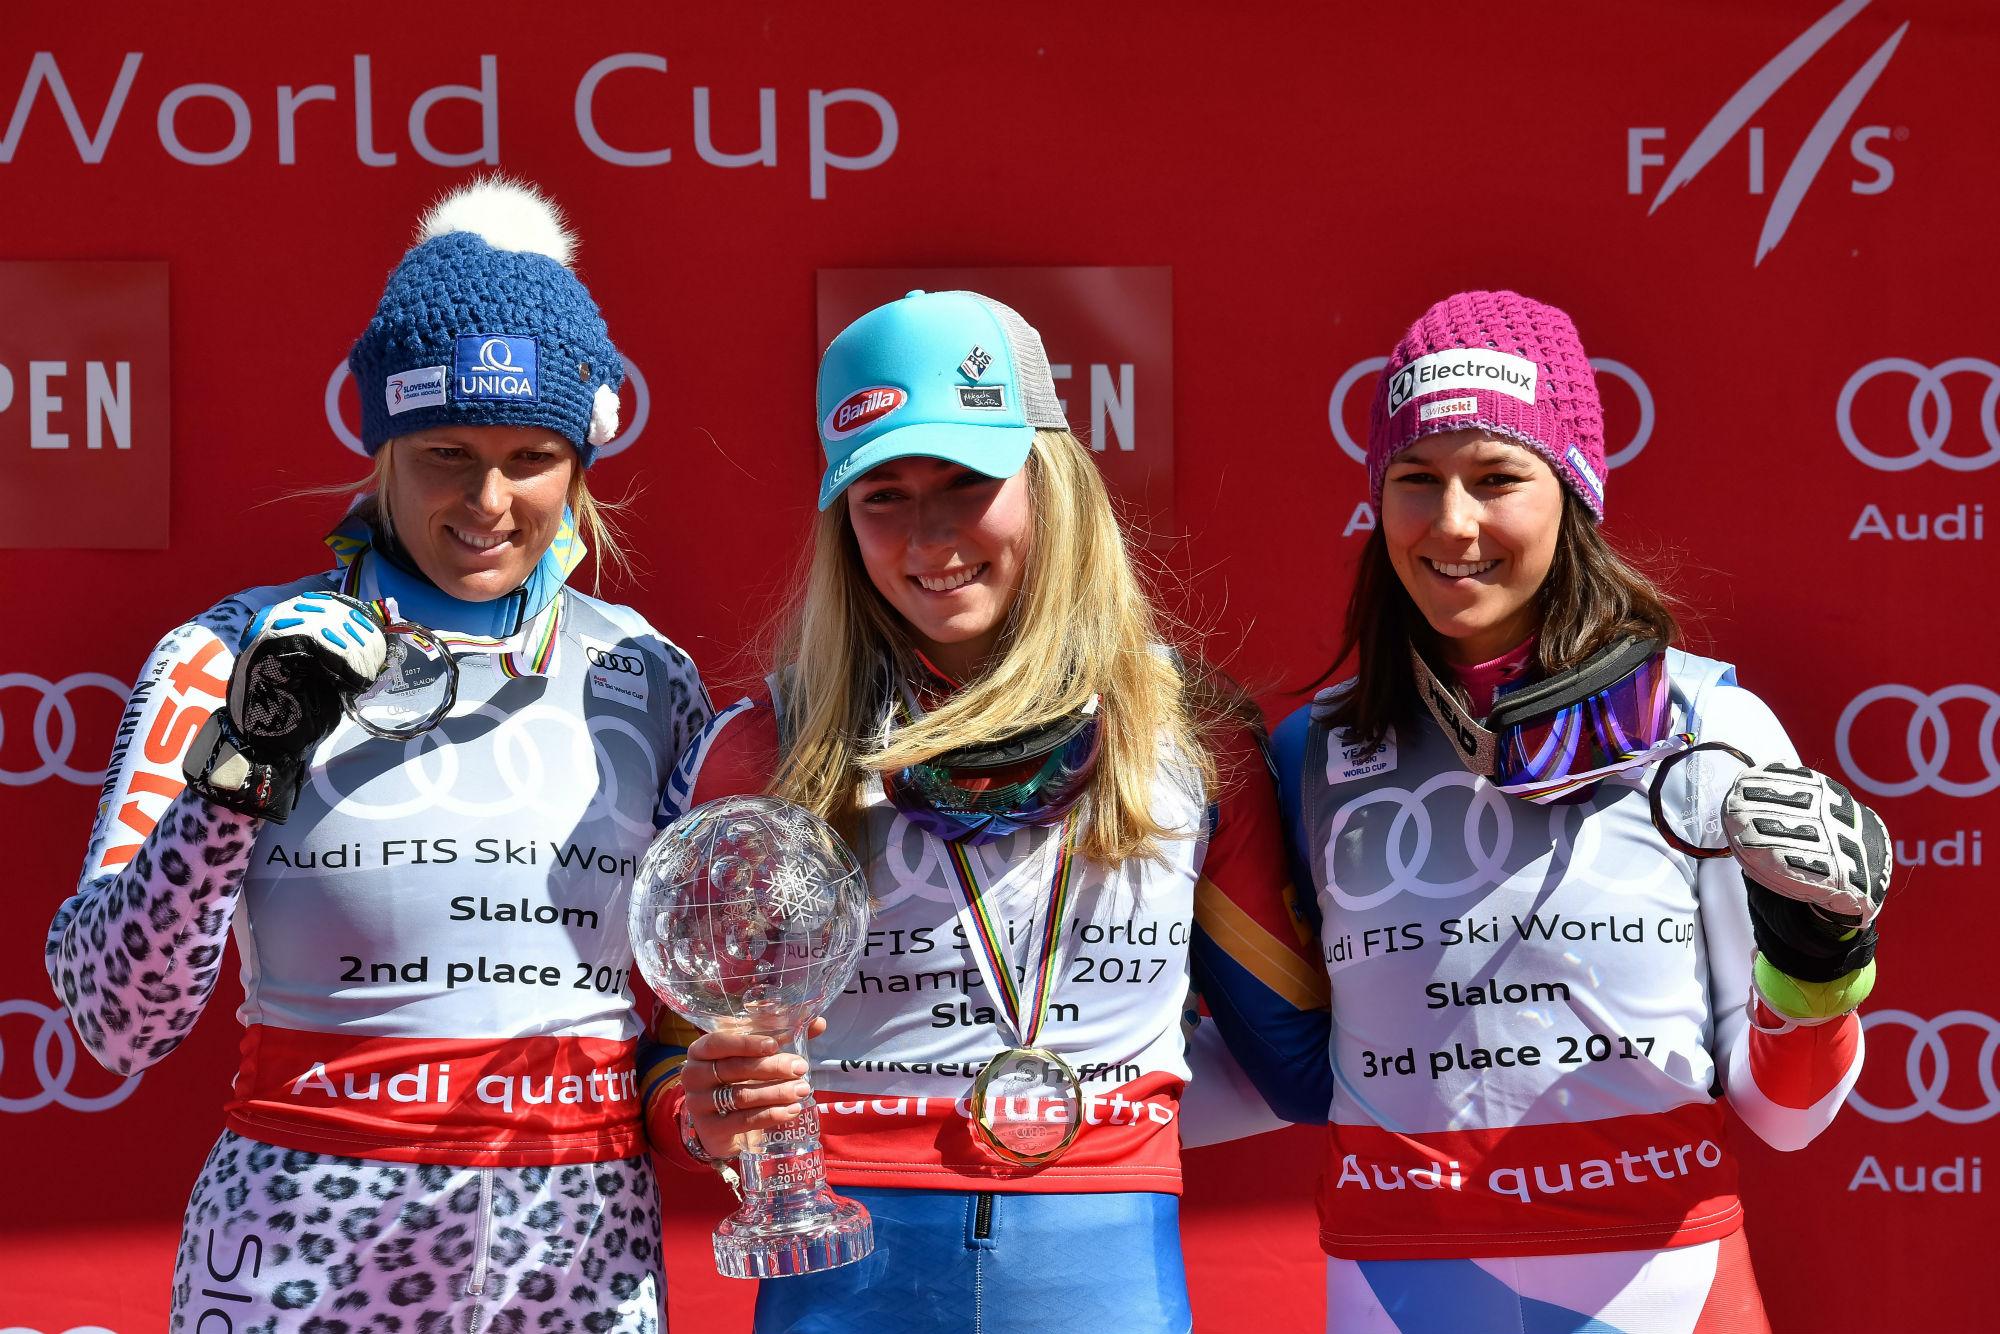 Veronika Velez Zuzulova, Mikaela Shiffrin e Wendy Holdener sul podio della classifica di specialità in slalom (@Zoom agence)